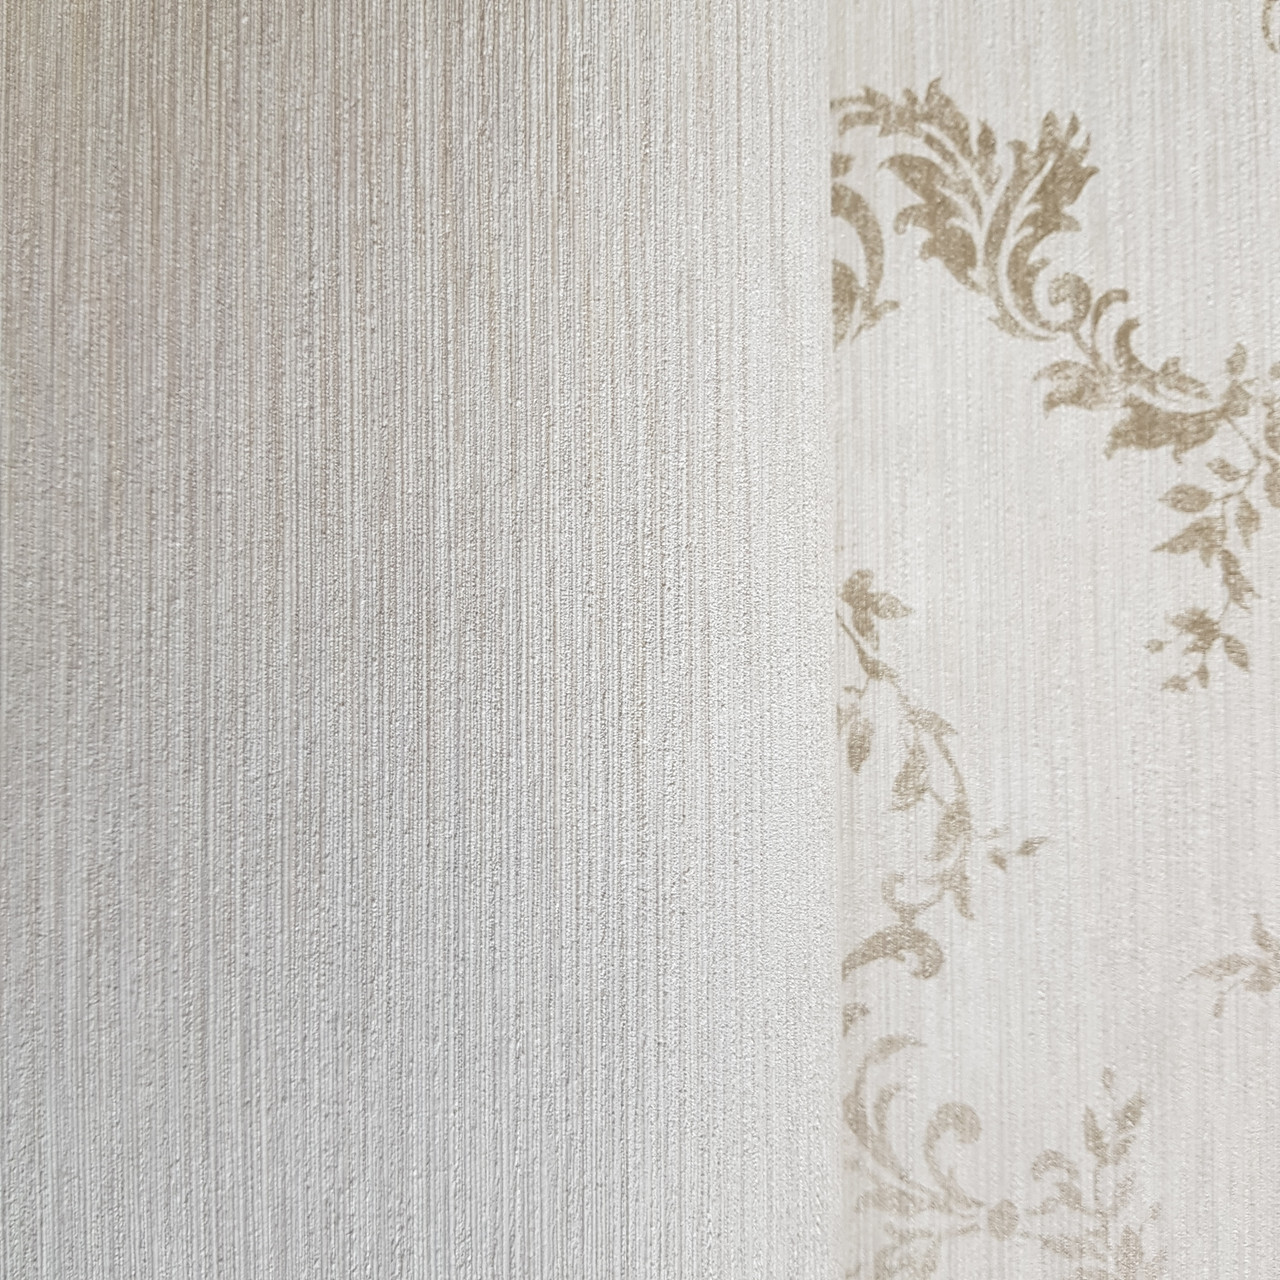 Обои виниловые на флизелине Rasch Victoria метровые однотонные тонкая полоска под ткань молочные серебристые